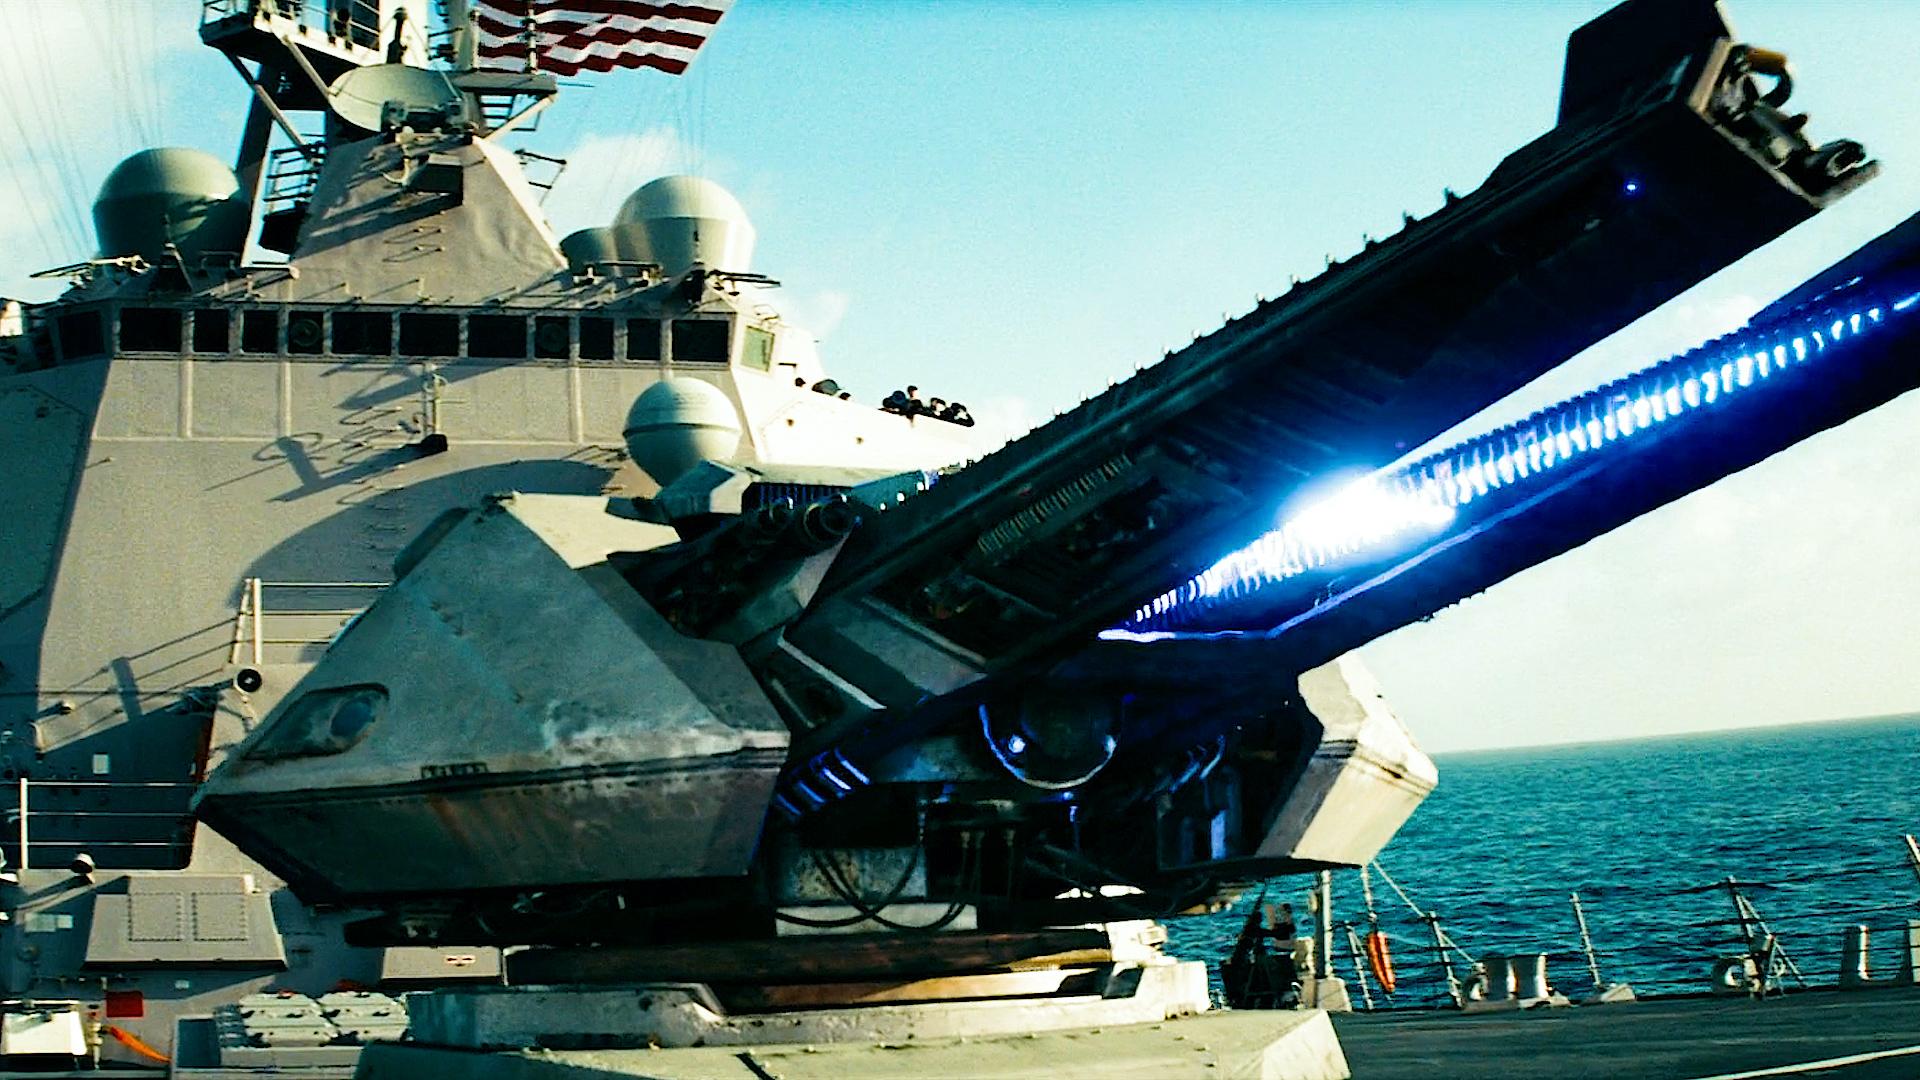 大炮武器哪家最强,盘点影视中的大炮武器,最后一个直接摧毁星球